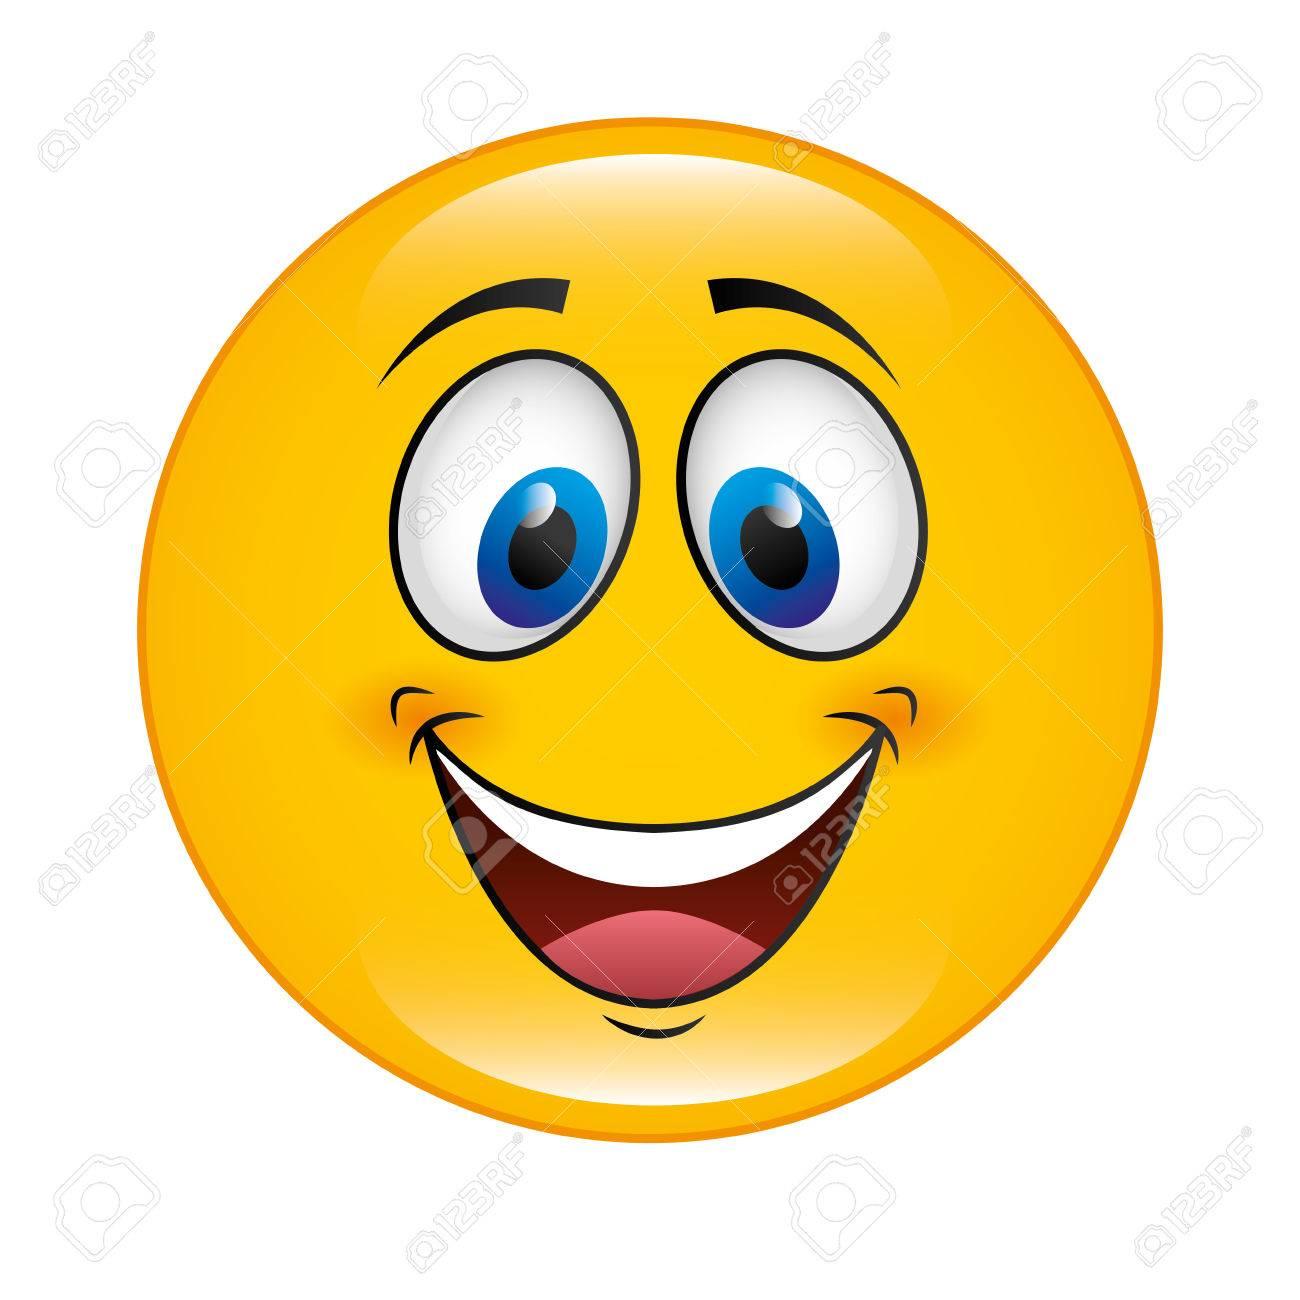 happy cartoon face icon vector illustation character royalty free rh 123rf com happy cartoon face images happy cartoon face vector free